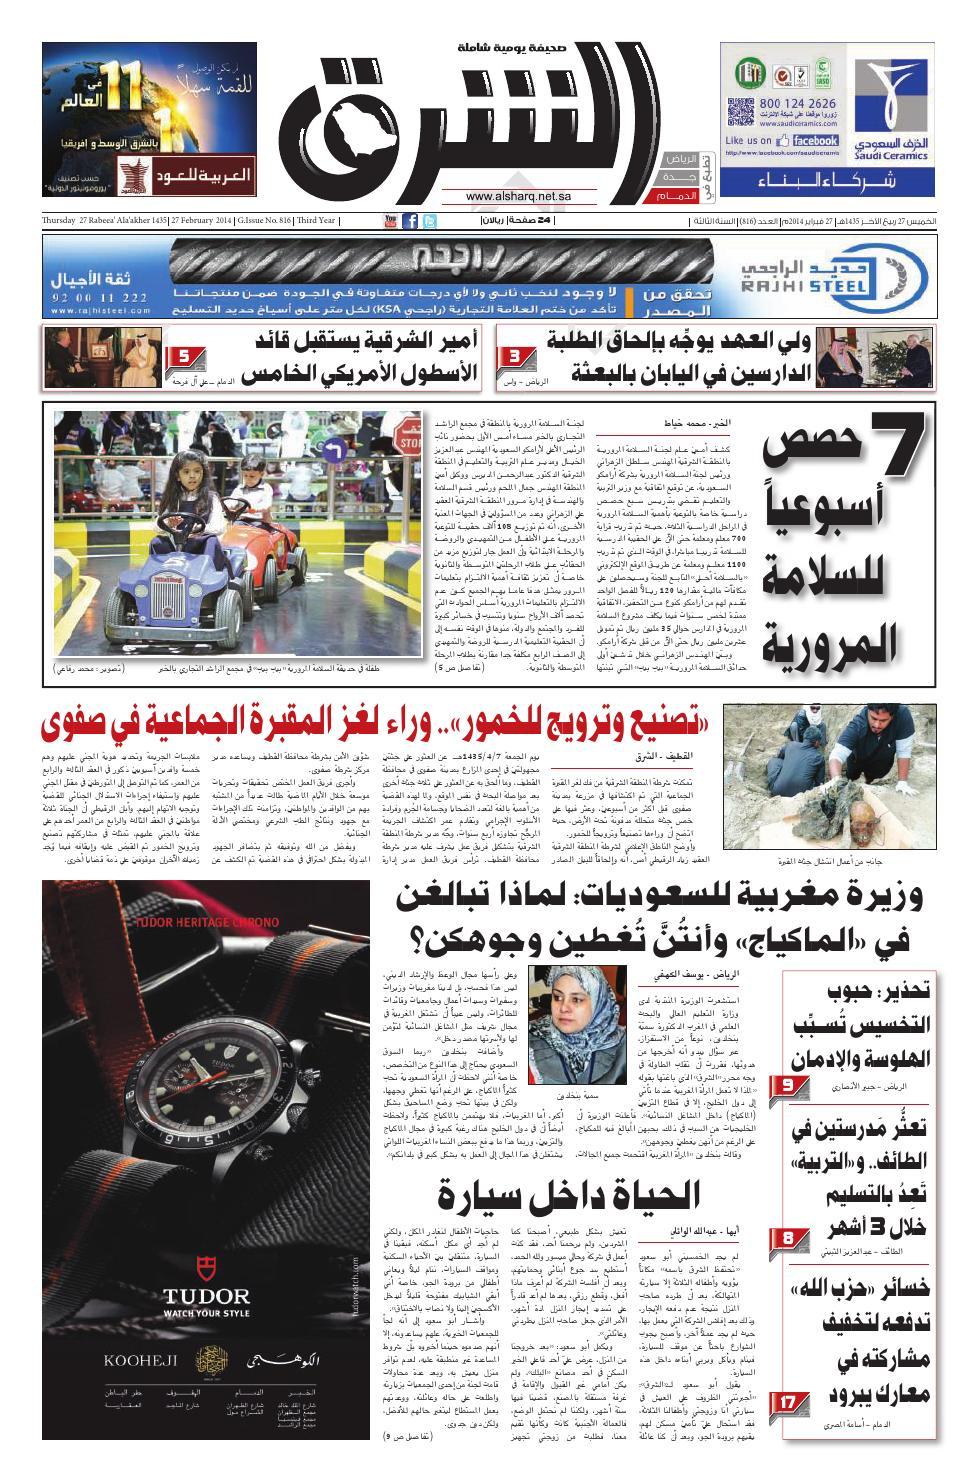 ca7b771ac4a6d صحيفة الشرق - العدد 816 - نسخة الدمام by صحيفة الشرق السعودية - issuu